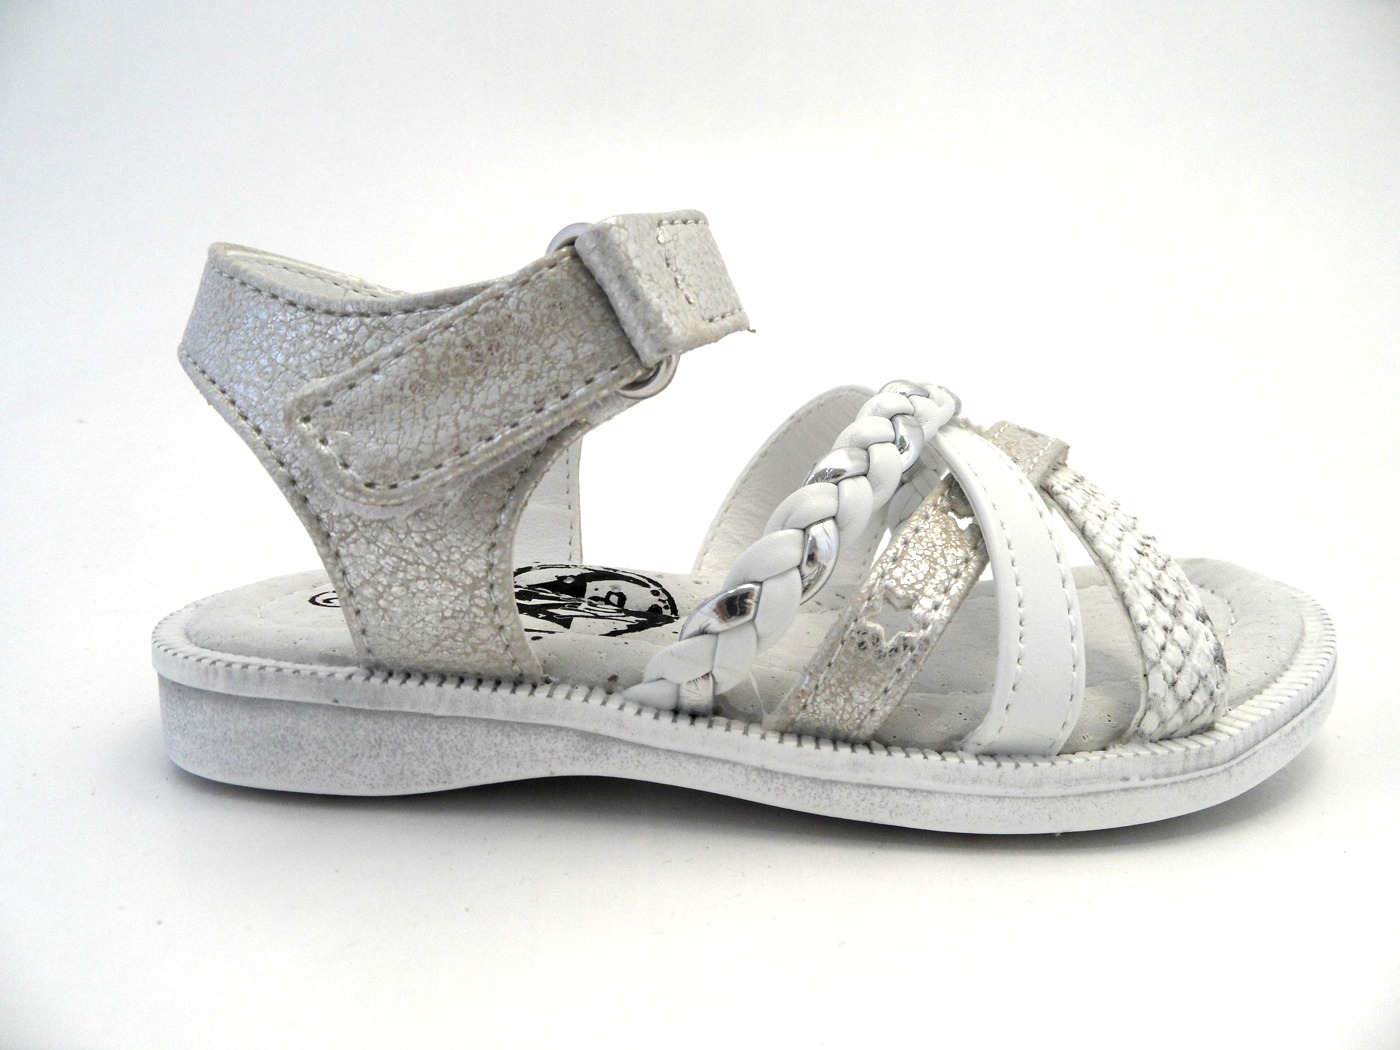 XtiKids Sandal Vit/Silver